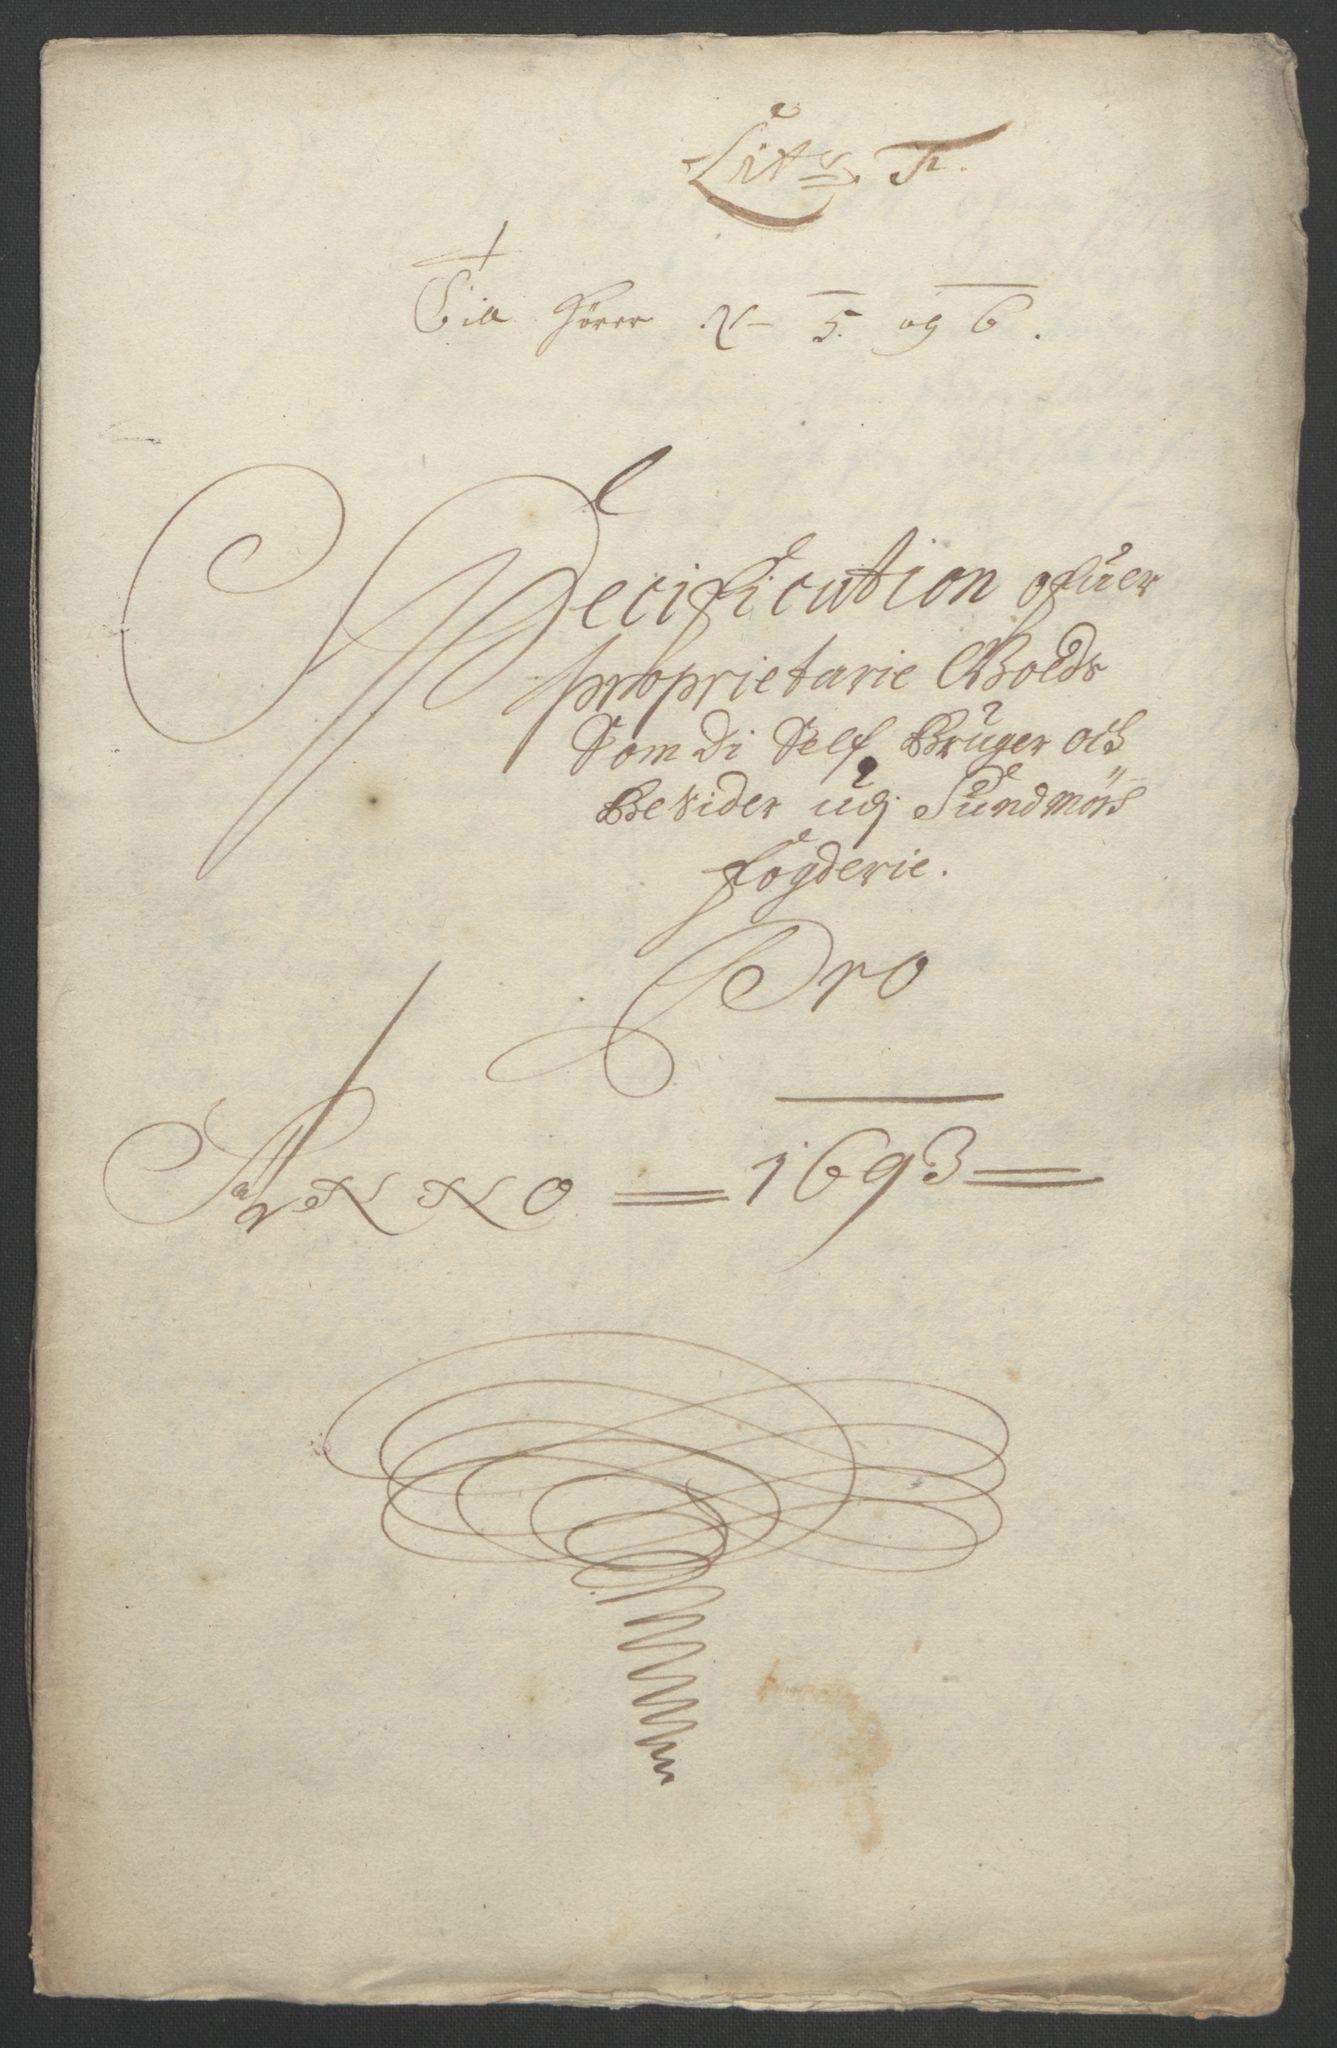 RA, Rentekammeret inntil 1814, Reviderte regnskaper, Fogderegnskap, R54/L3554: Fogderegnskap Sunnmøre, 1691-1693, s. 476